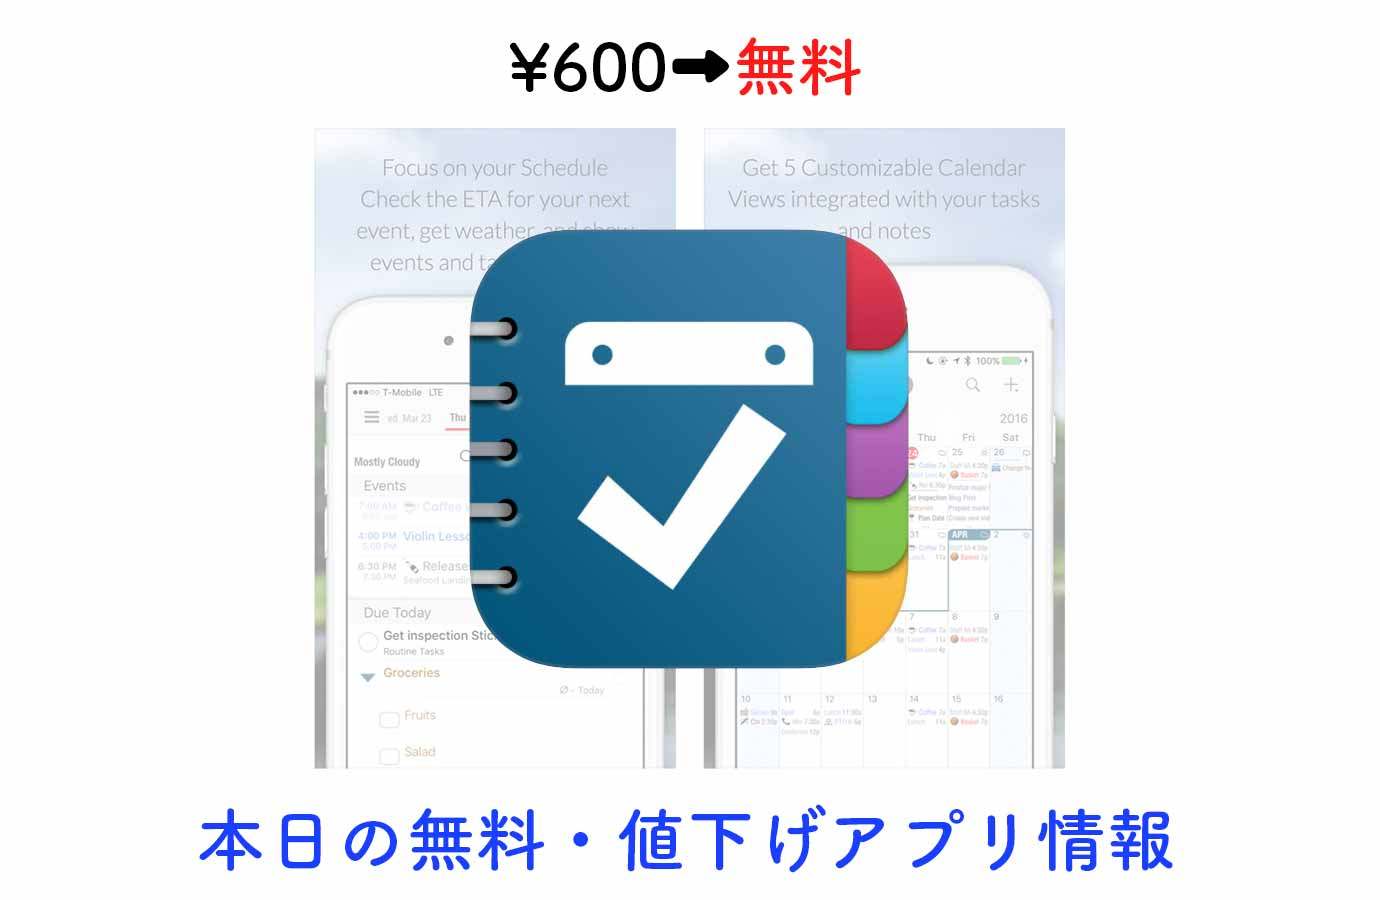 ¥600→無料、タスク管理もできる高機能カレンダーアプリ「Informant」など【8/20】本日の無料・値下げアプリ情報